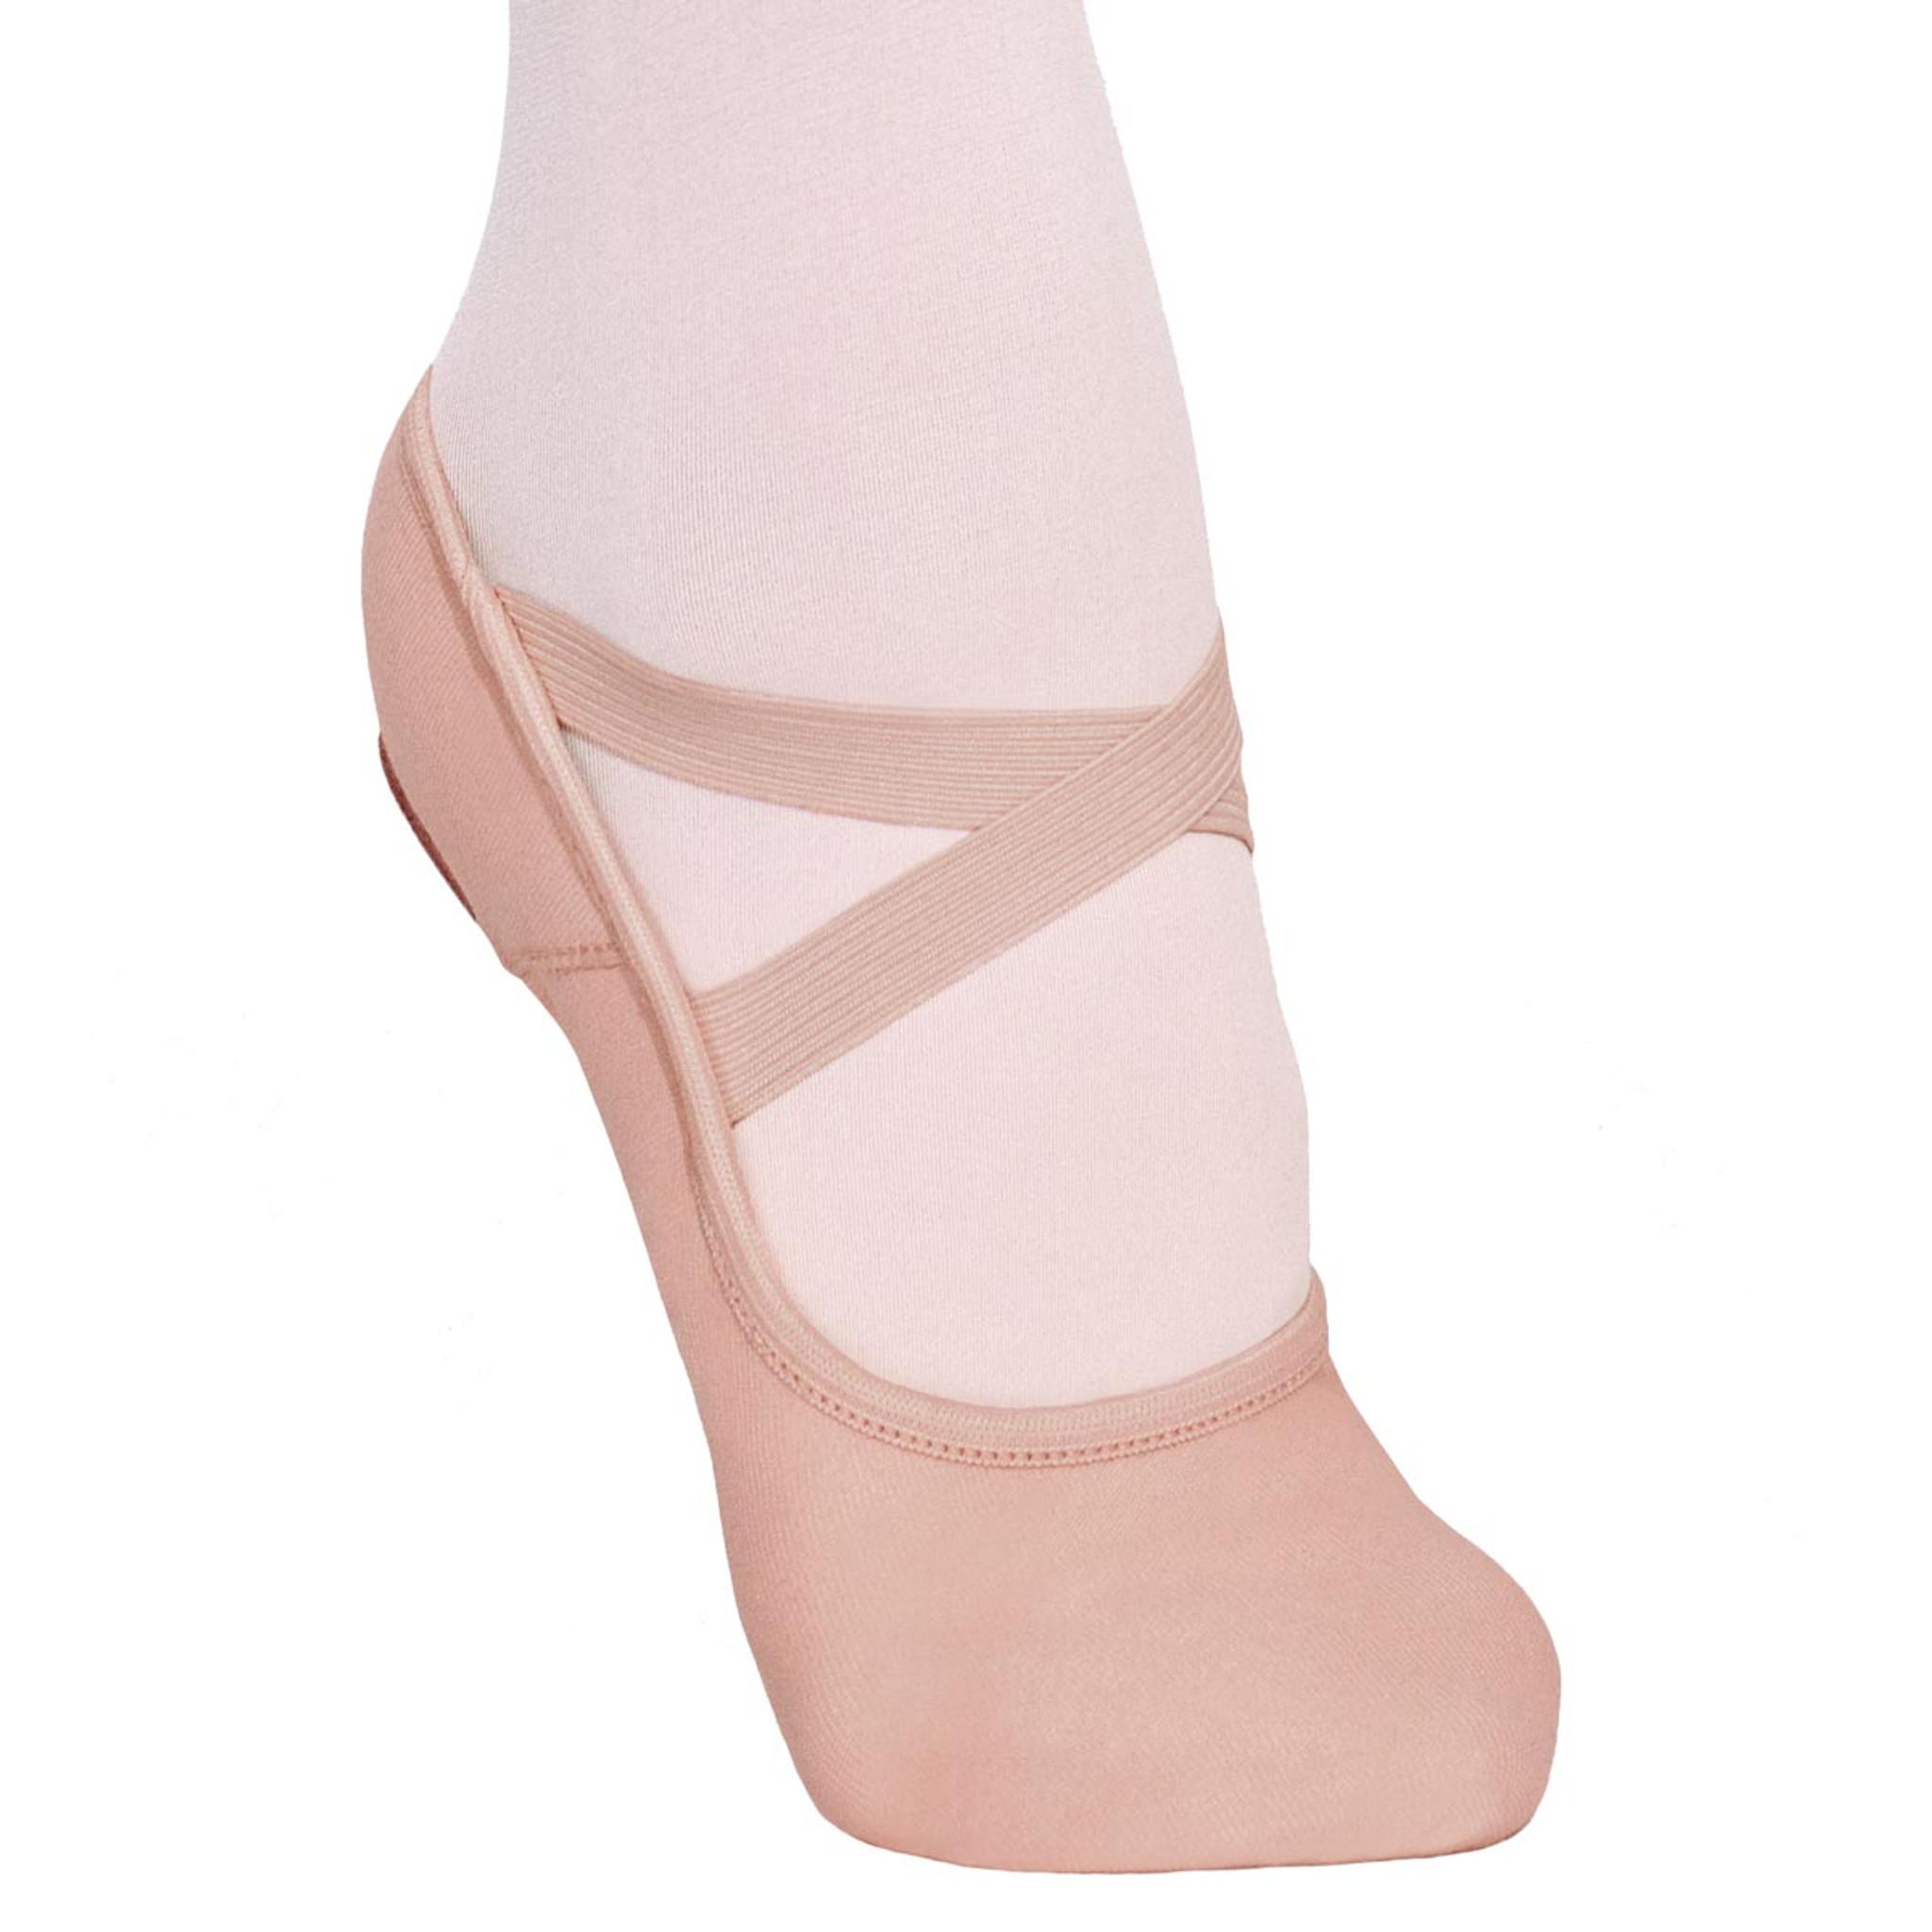 Dance Direct Canvas Ballet Shoes Split Sole